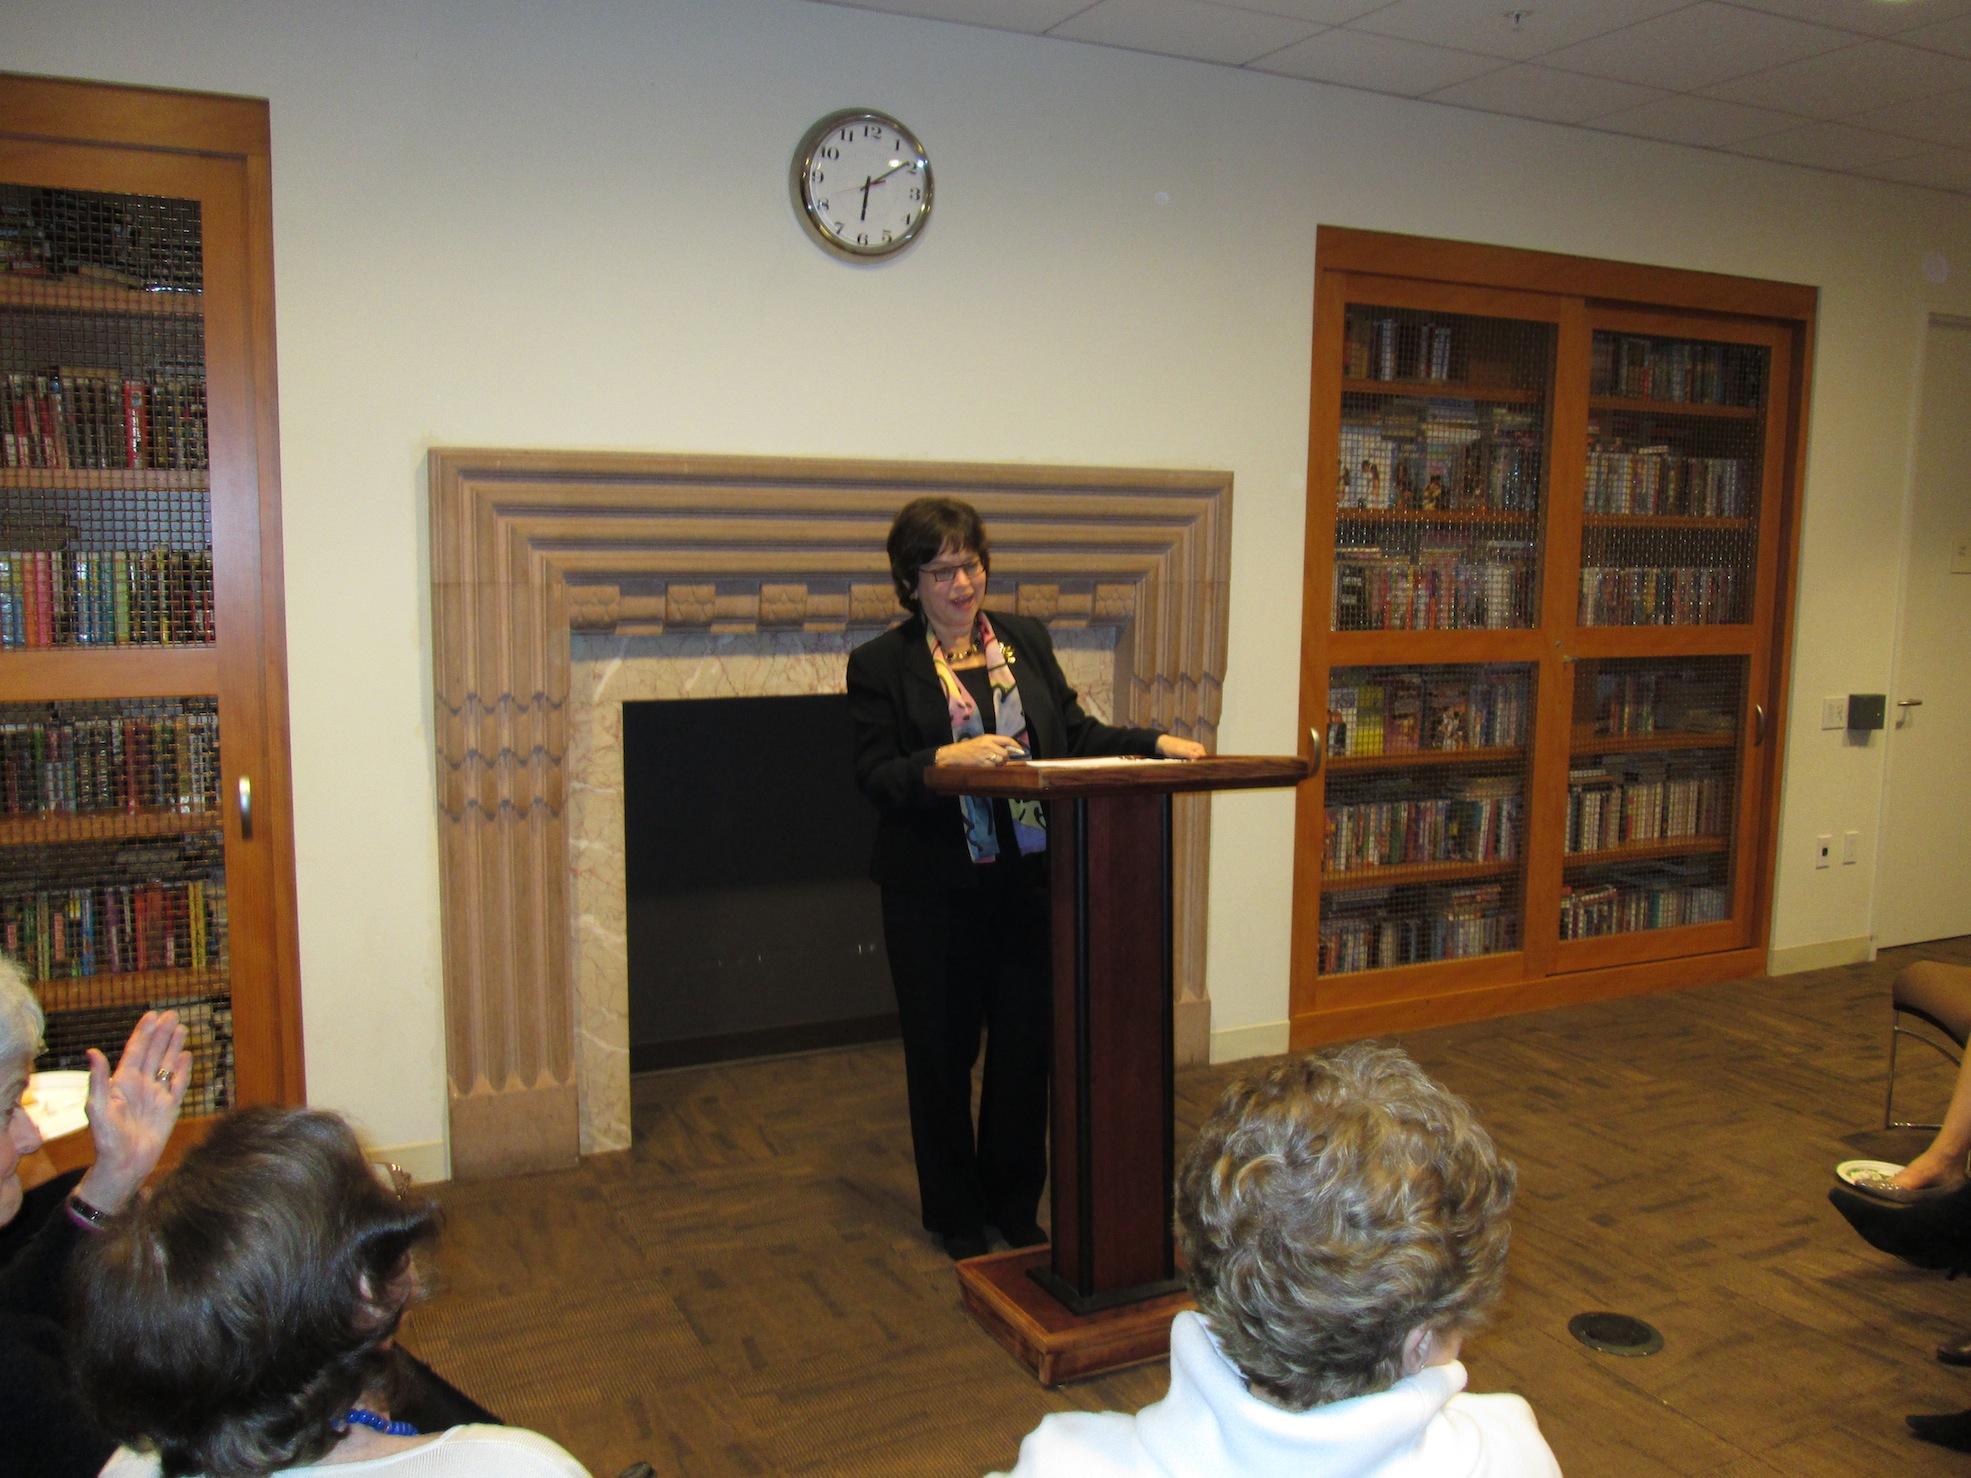 Regional Meeting with Nancy Kaufman11_Nov 8, 2012.JPG